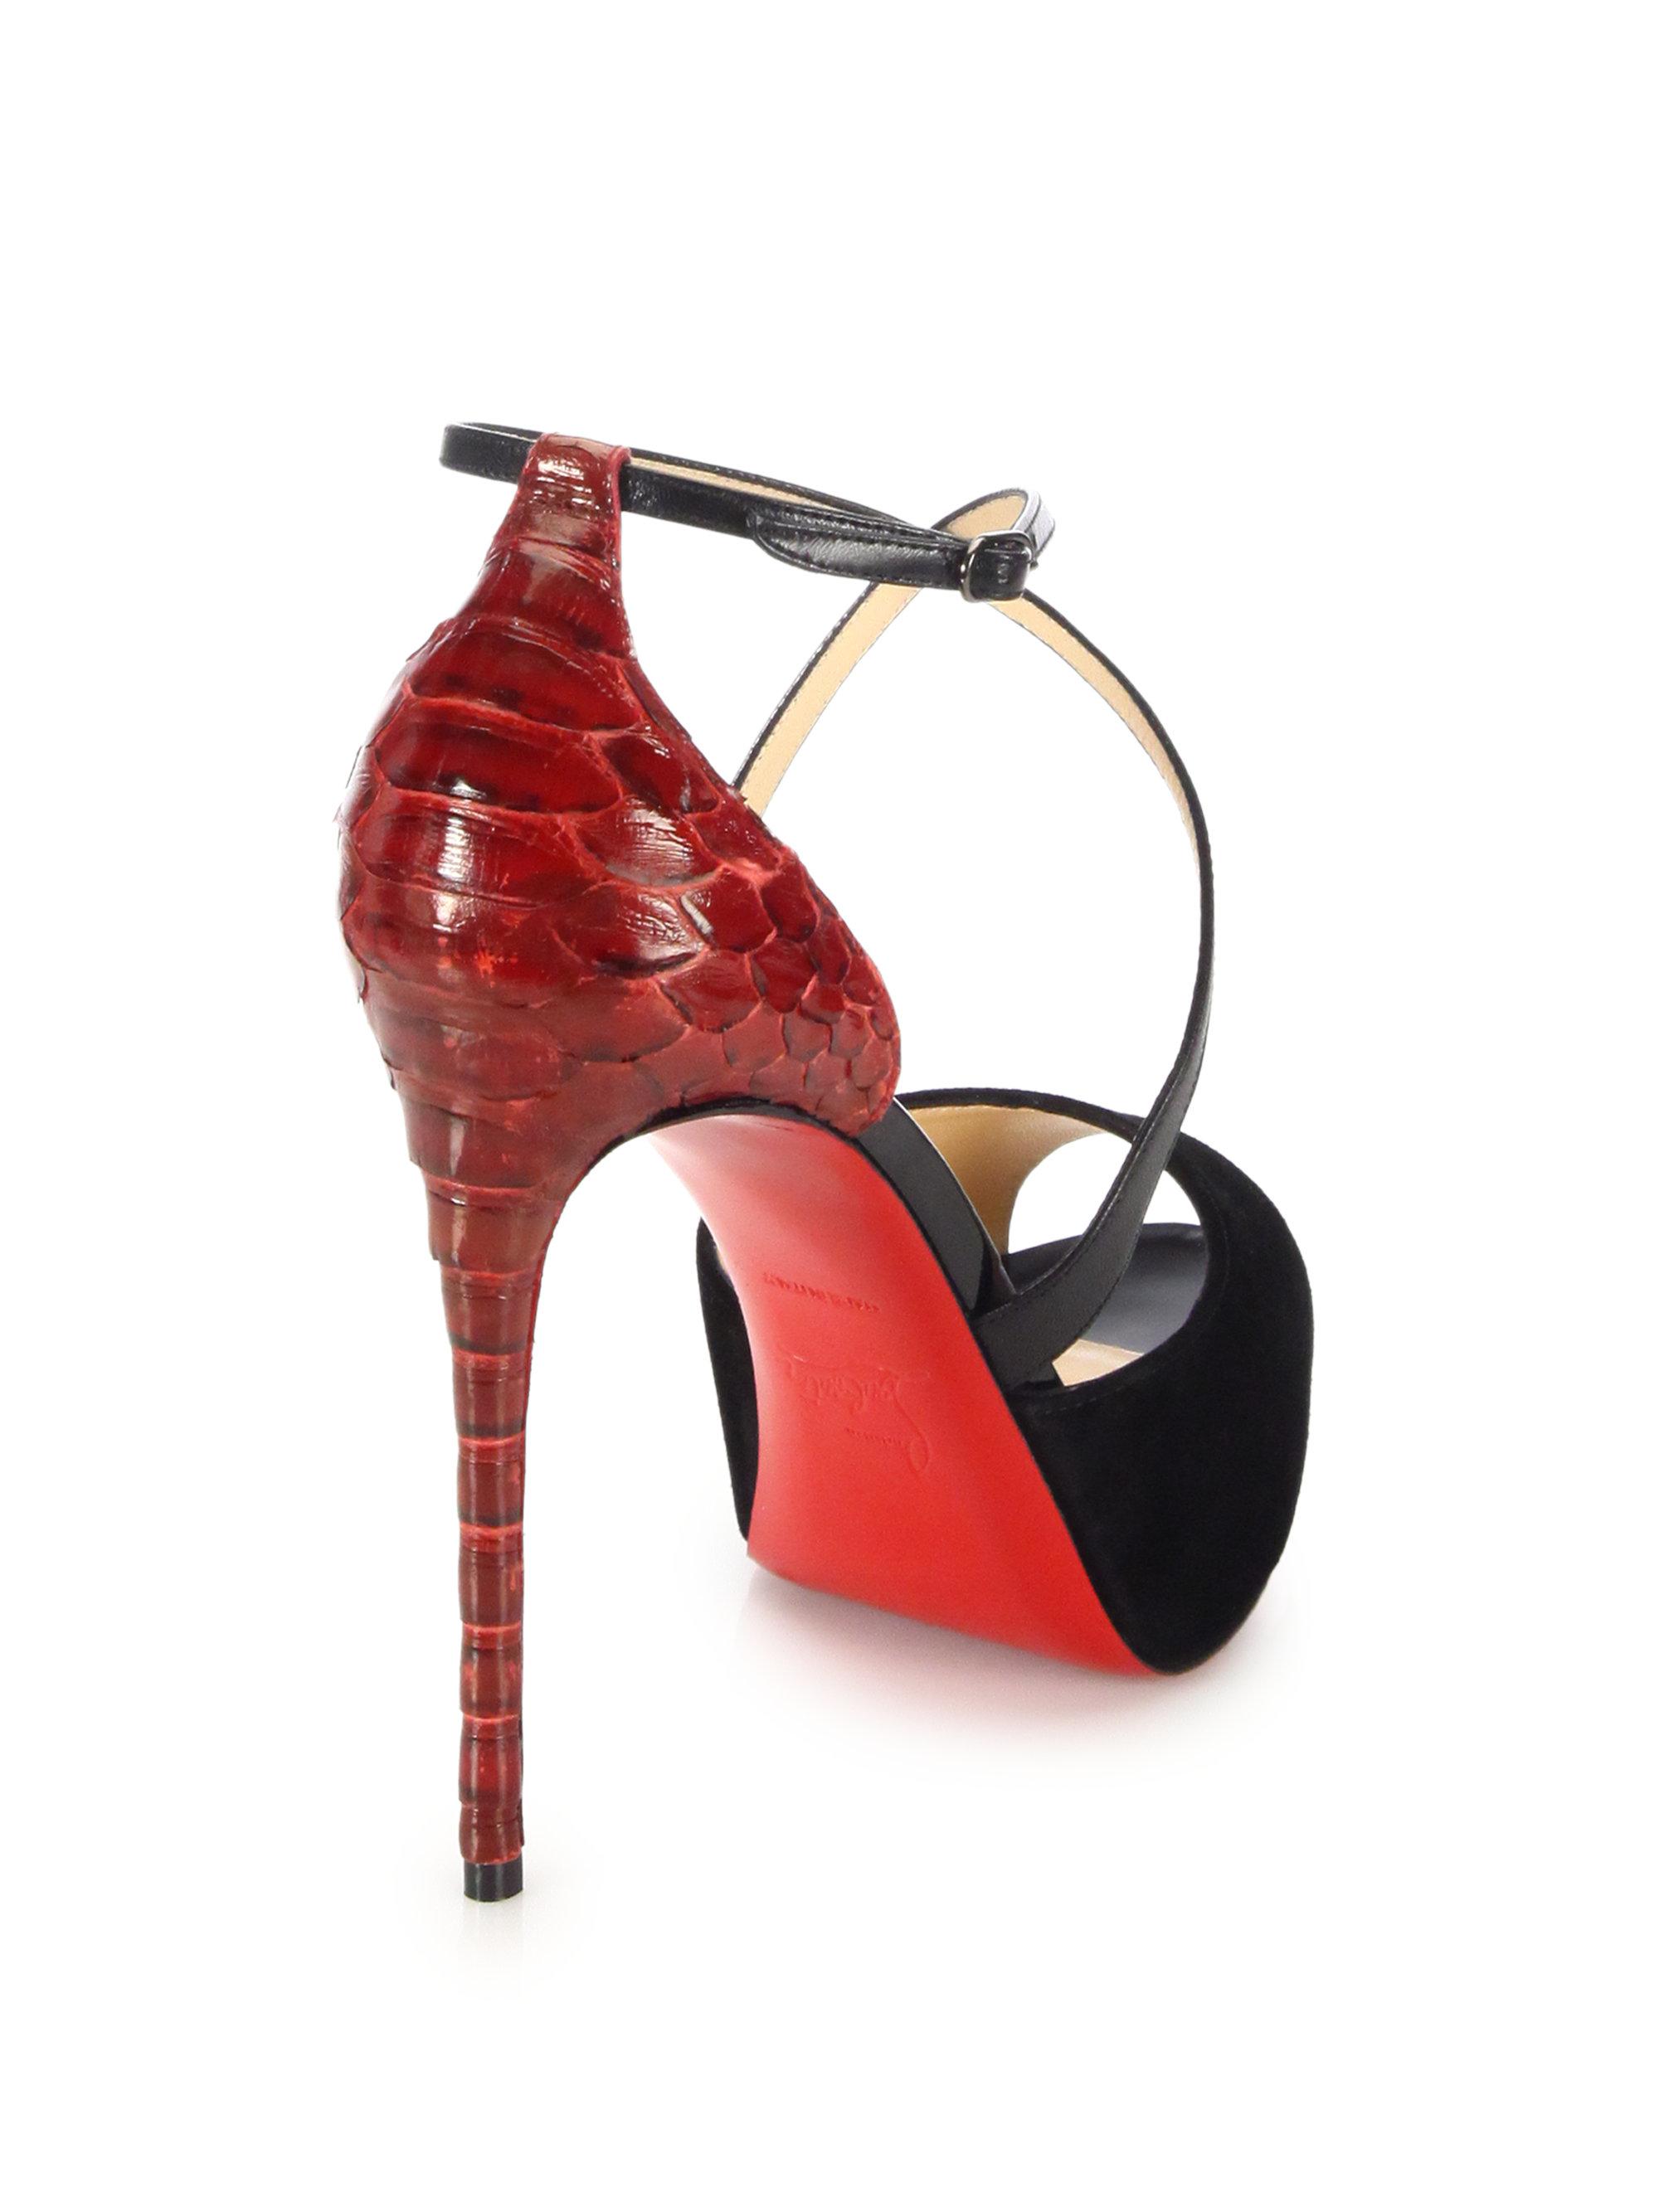 louis vuitton replicas shoes - christian louboutin amor leather platform ankle boots | Landenberg ...